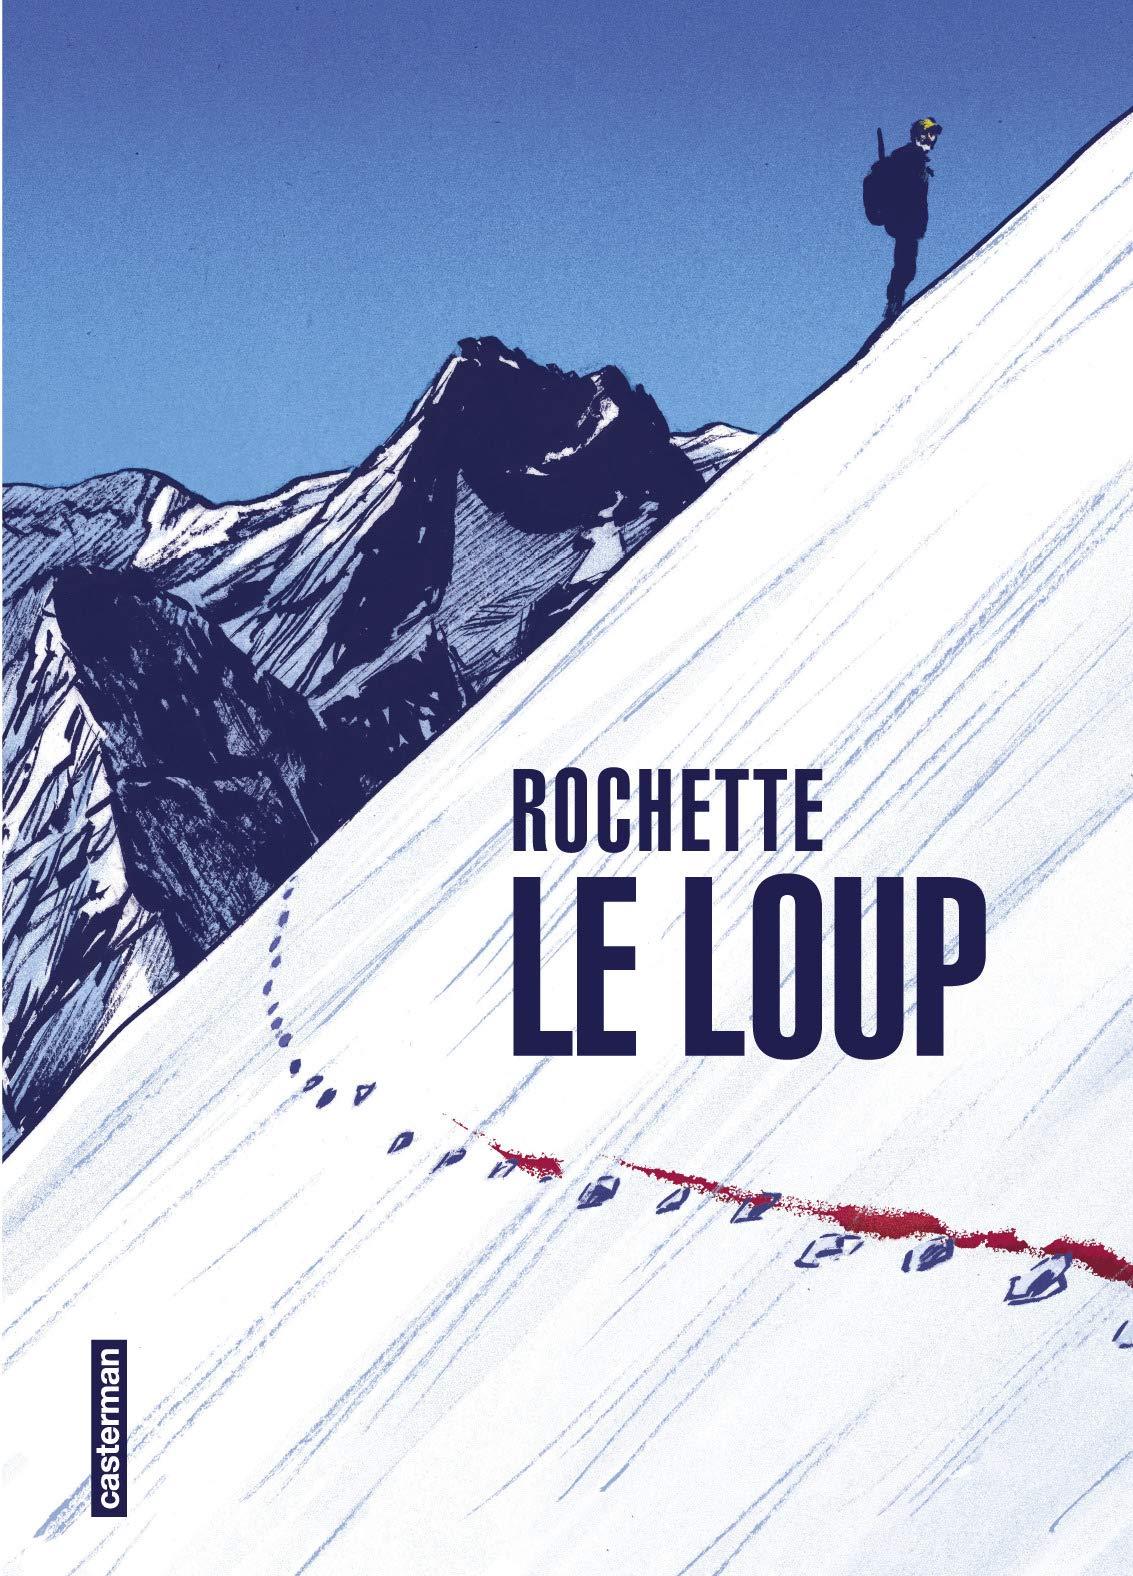 Le loup (Rochette) 0